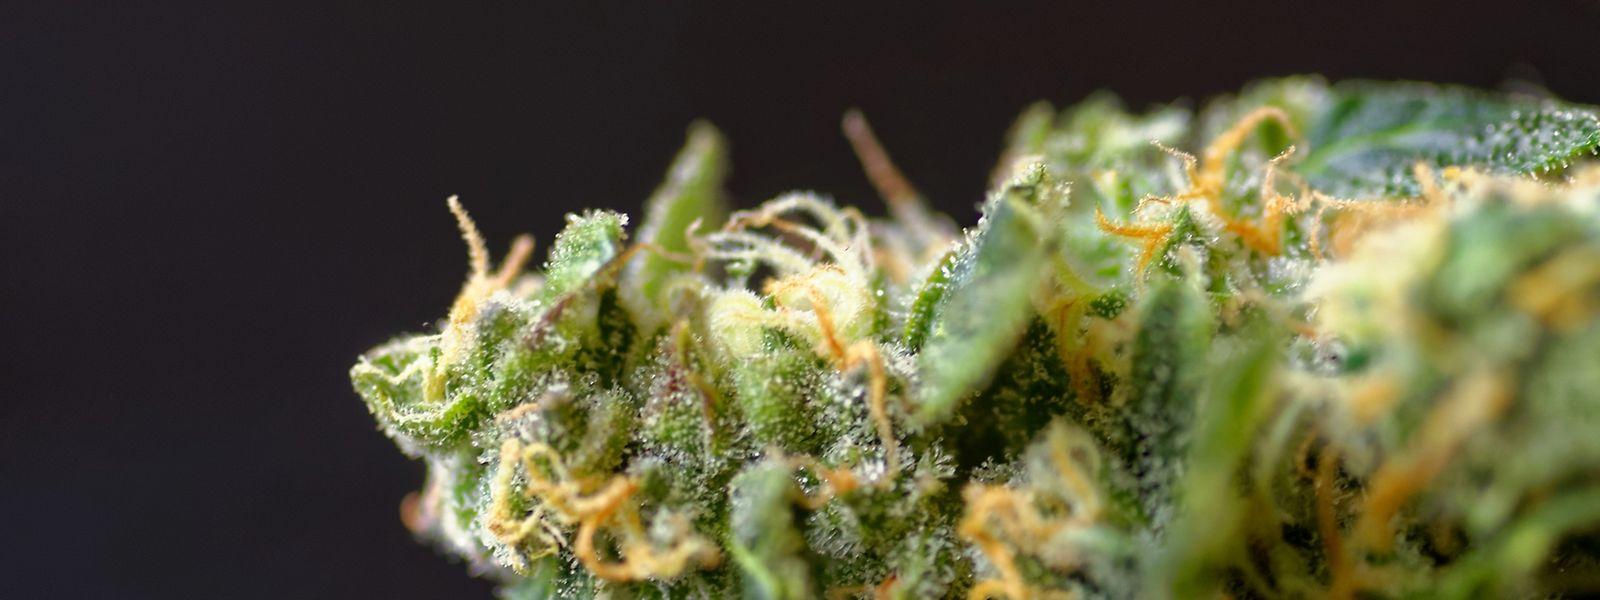 Cannabisblüten enthalten Hunderte von Stoffen, die medizinisch wirksam sind.